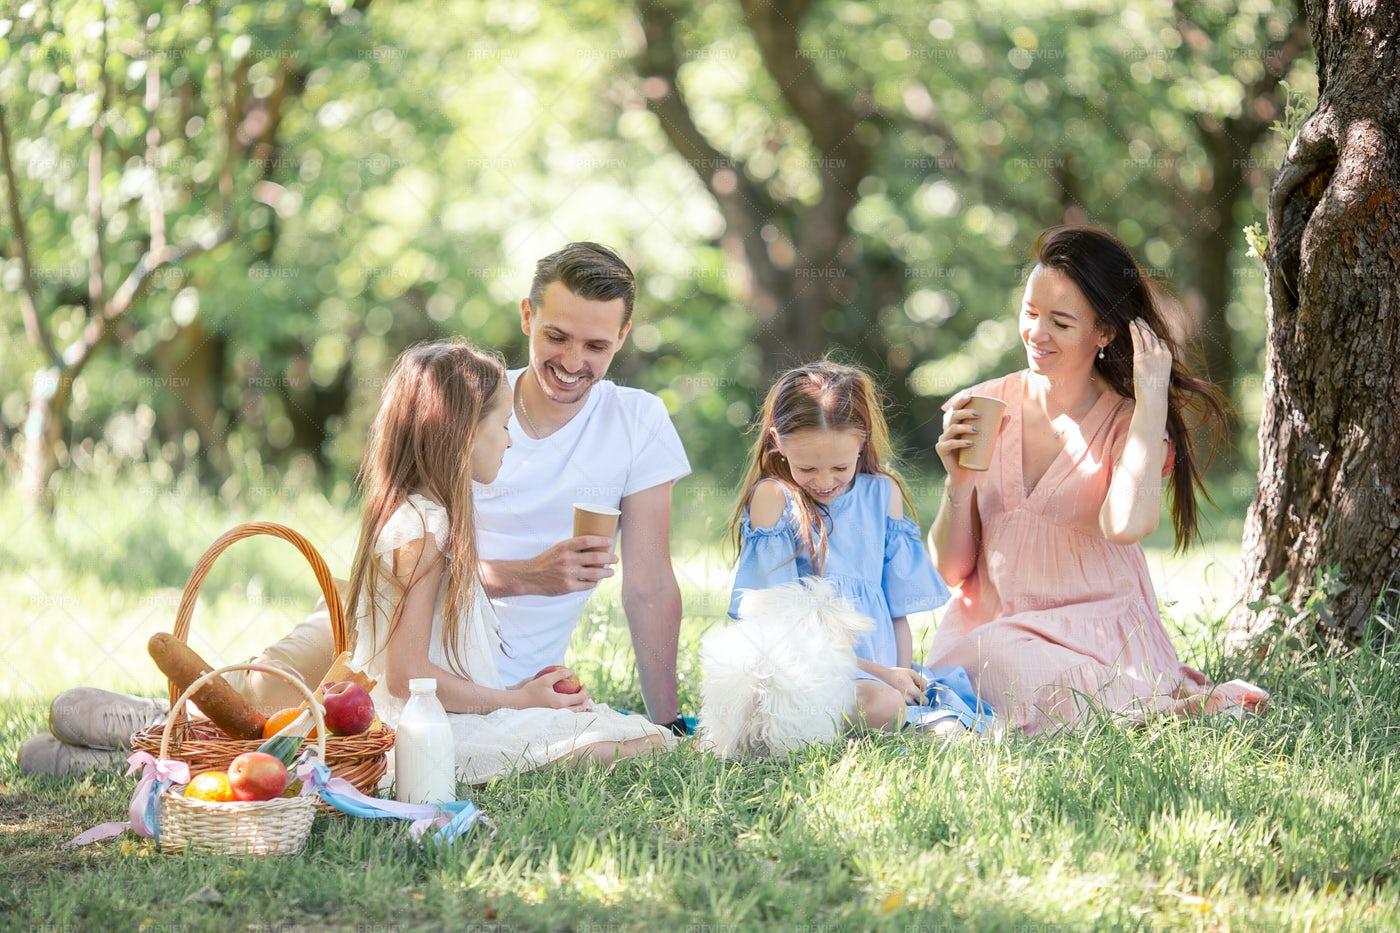 Happy Family Has A Picnic: Stock Photos